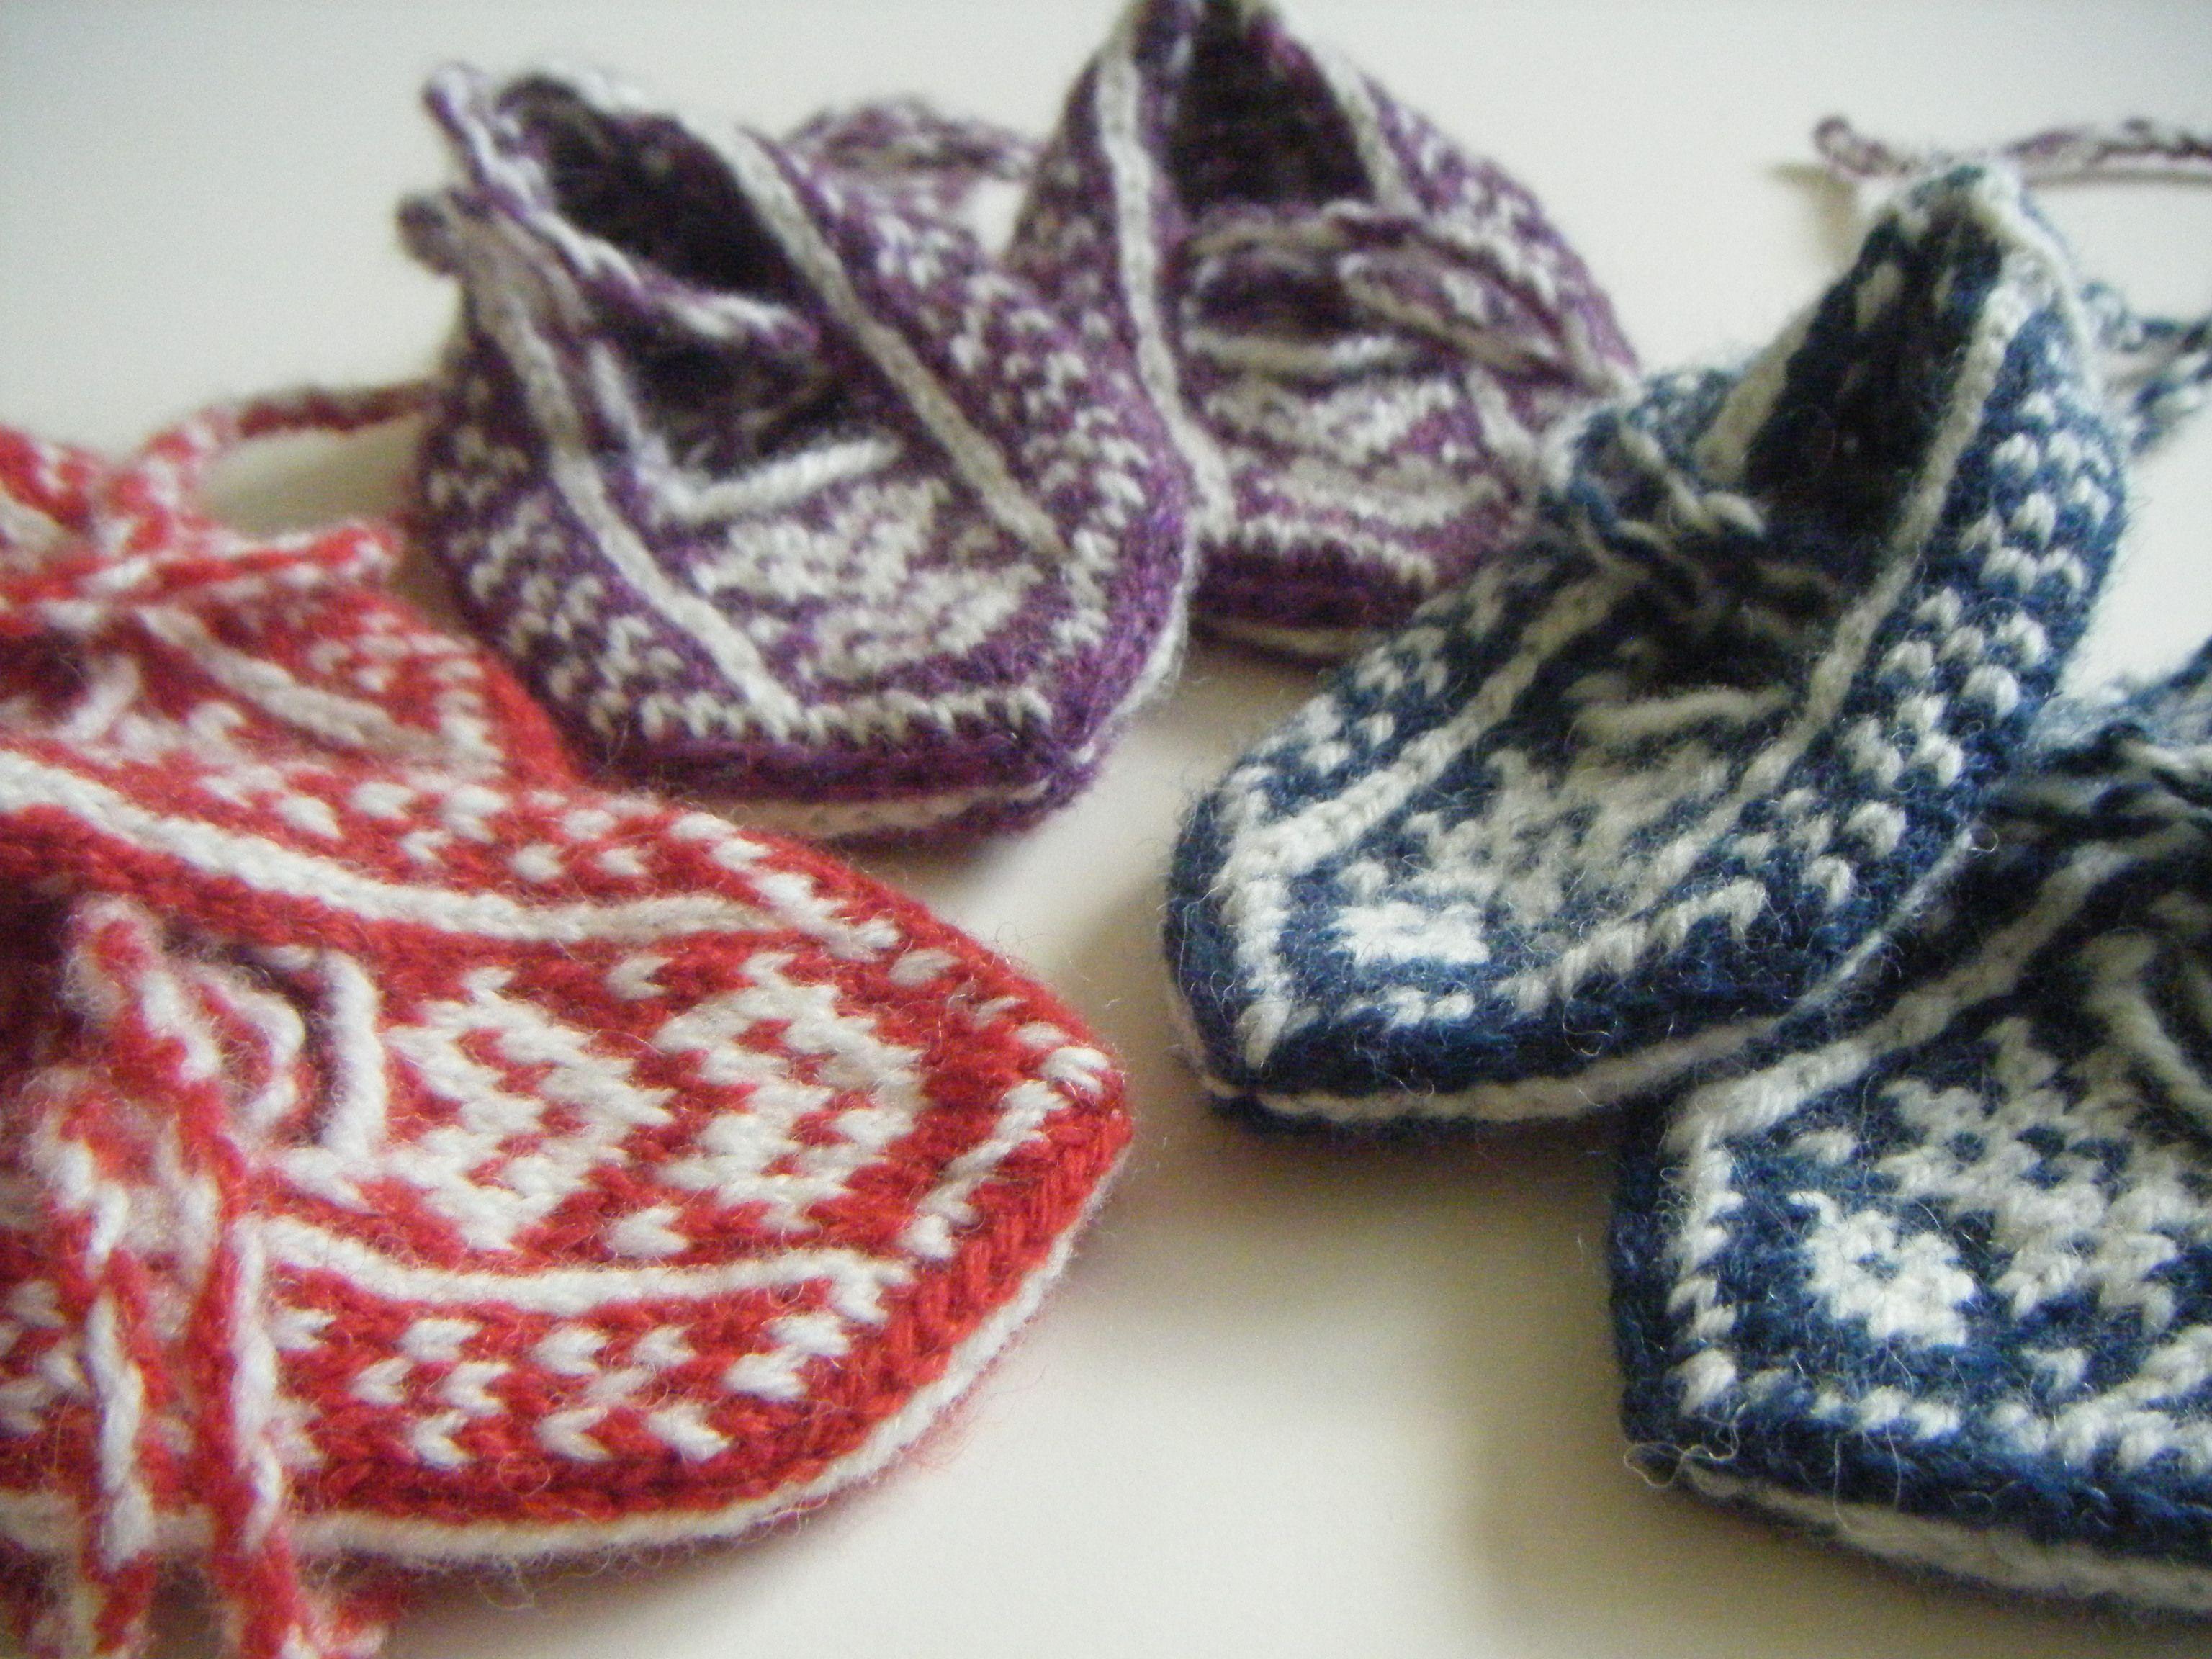 My kids slippers. Jamiesons of Shetland DK yarn